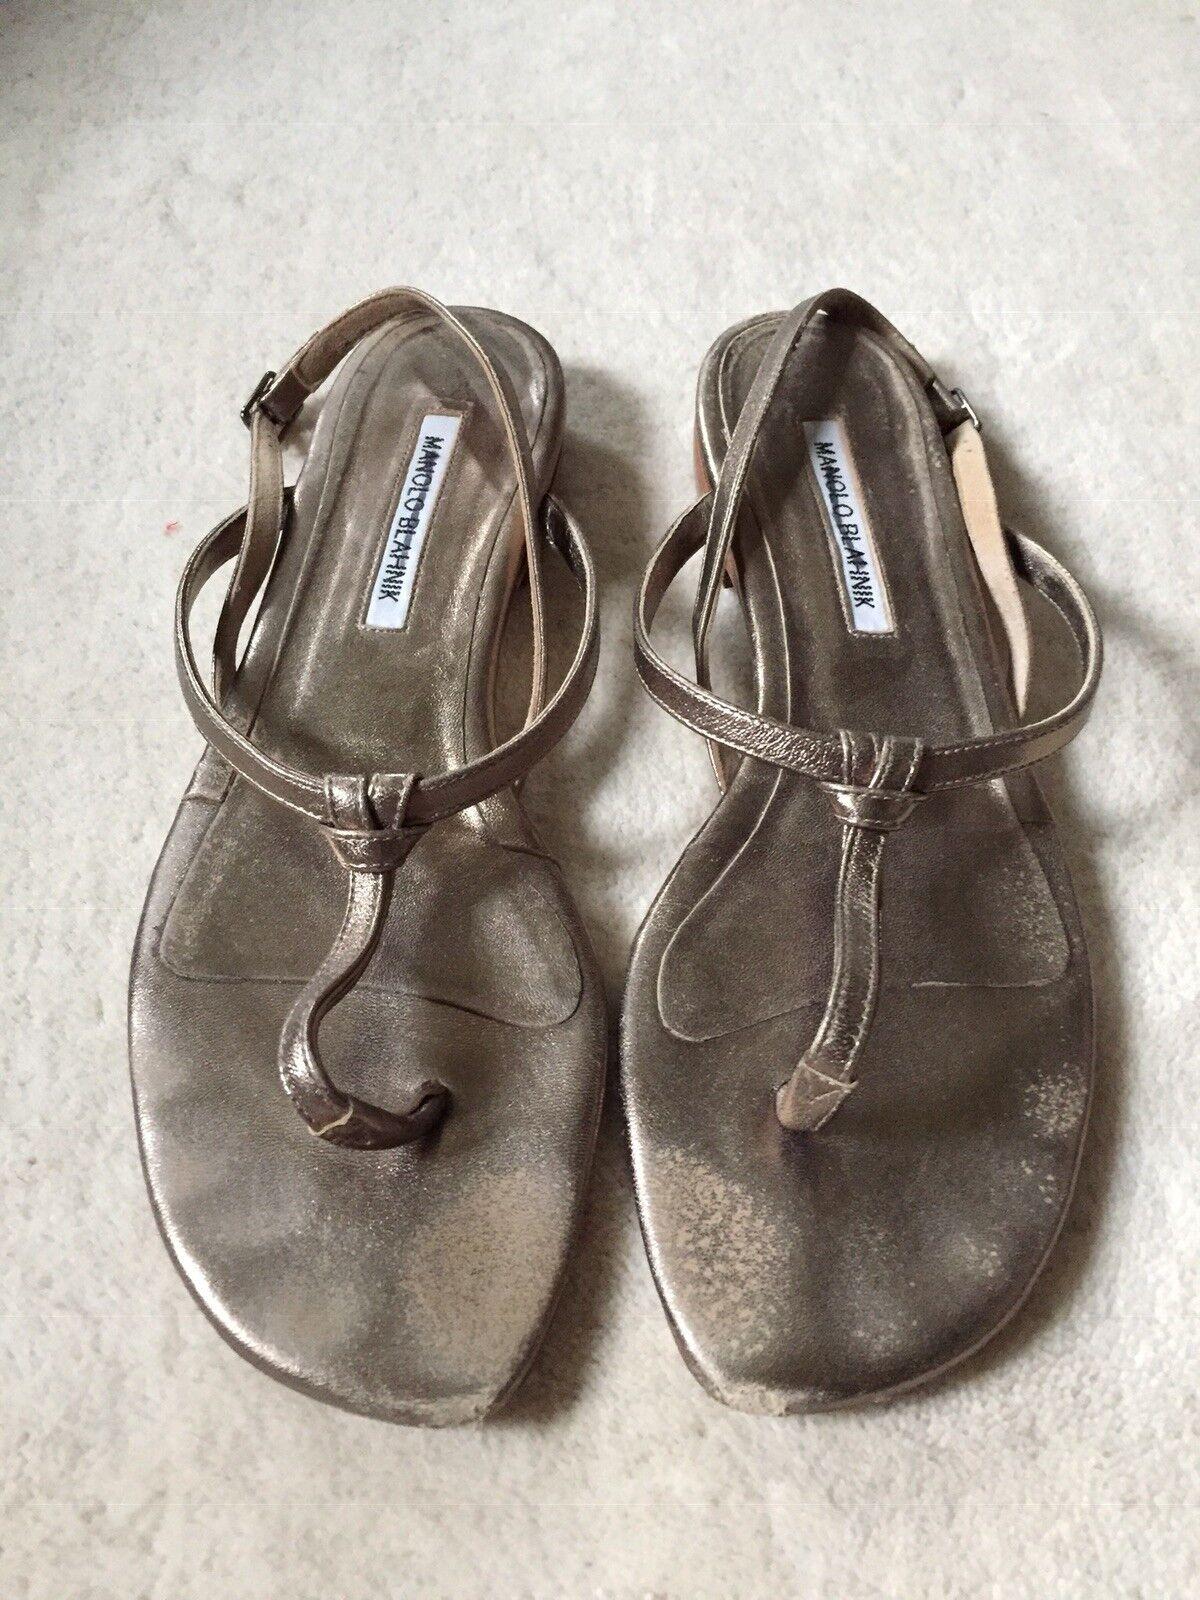 MANOLO BLANK Dark gold Metallic T- Strap Sandals Sandals Sandals  39.5 84d6f0